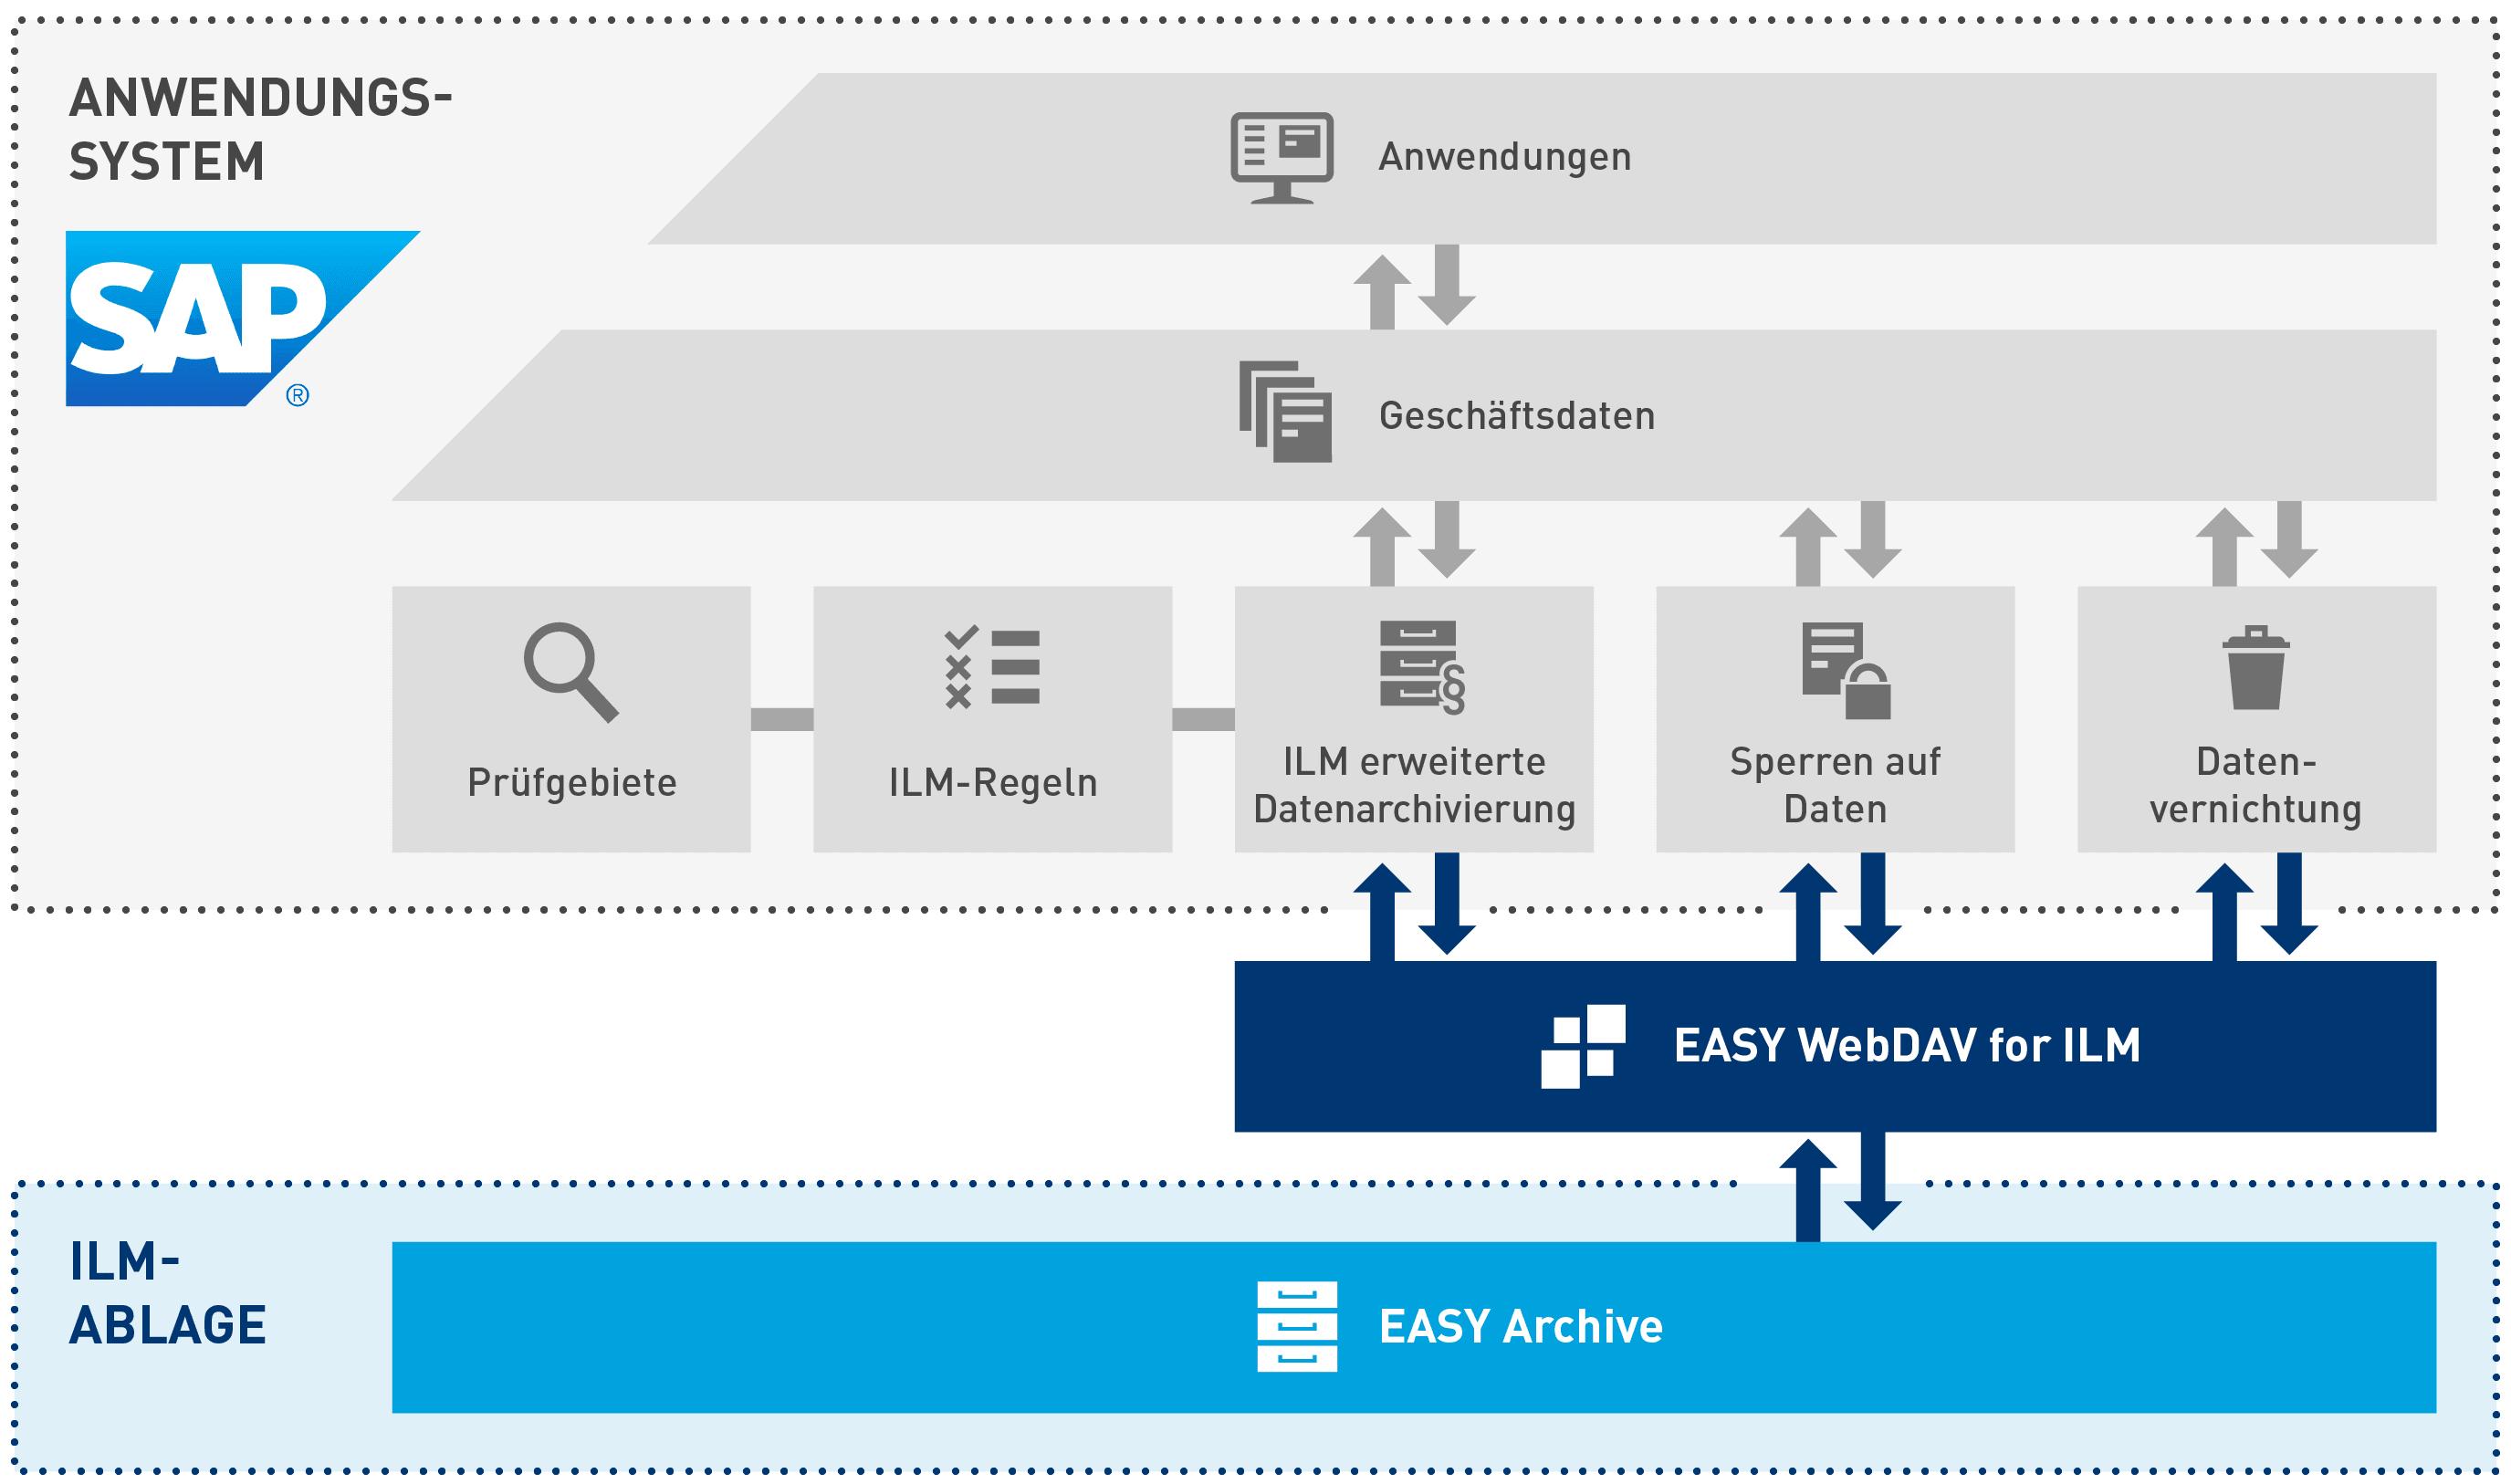 Das Zusammenspiel von SAP ILM, EASY WebDAV, Archive und der ILM-Ablage